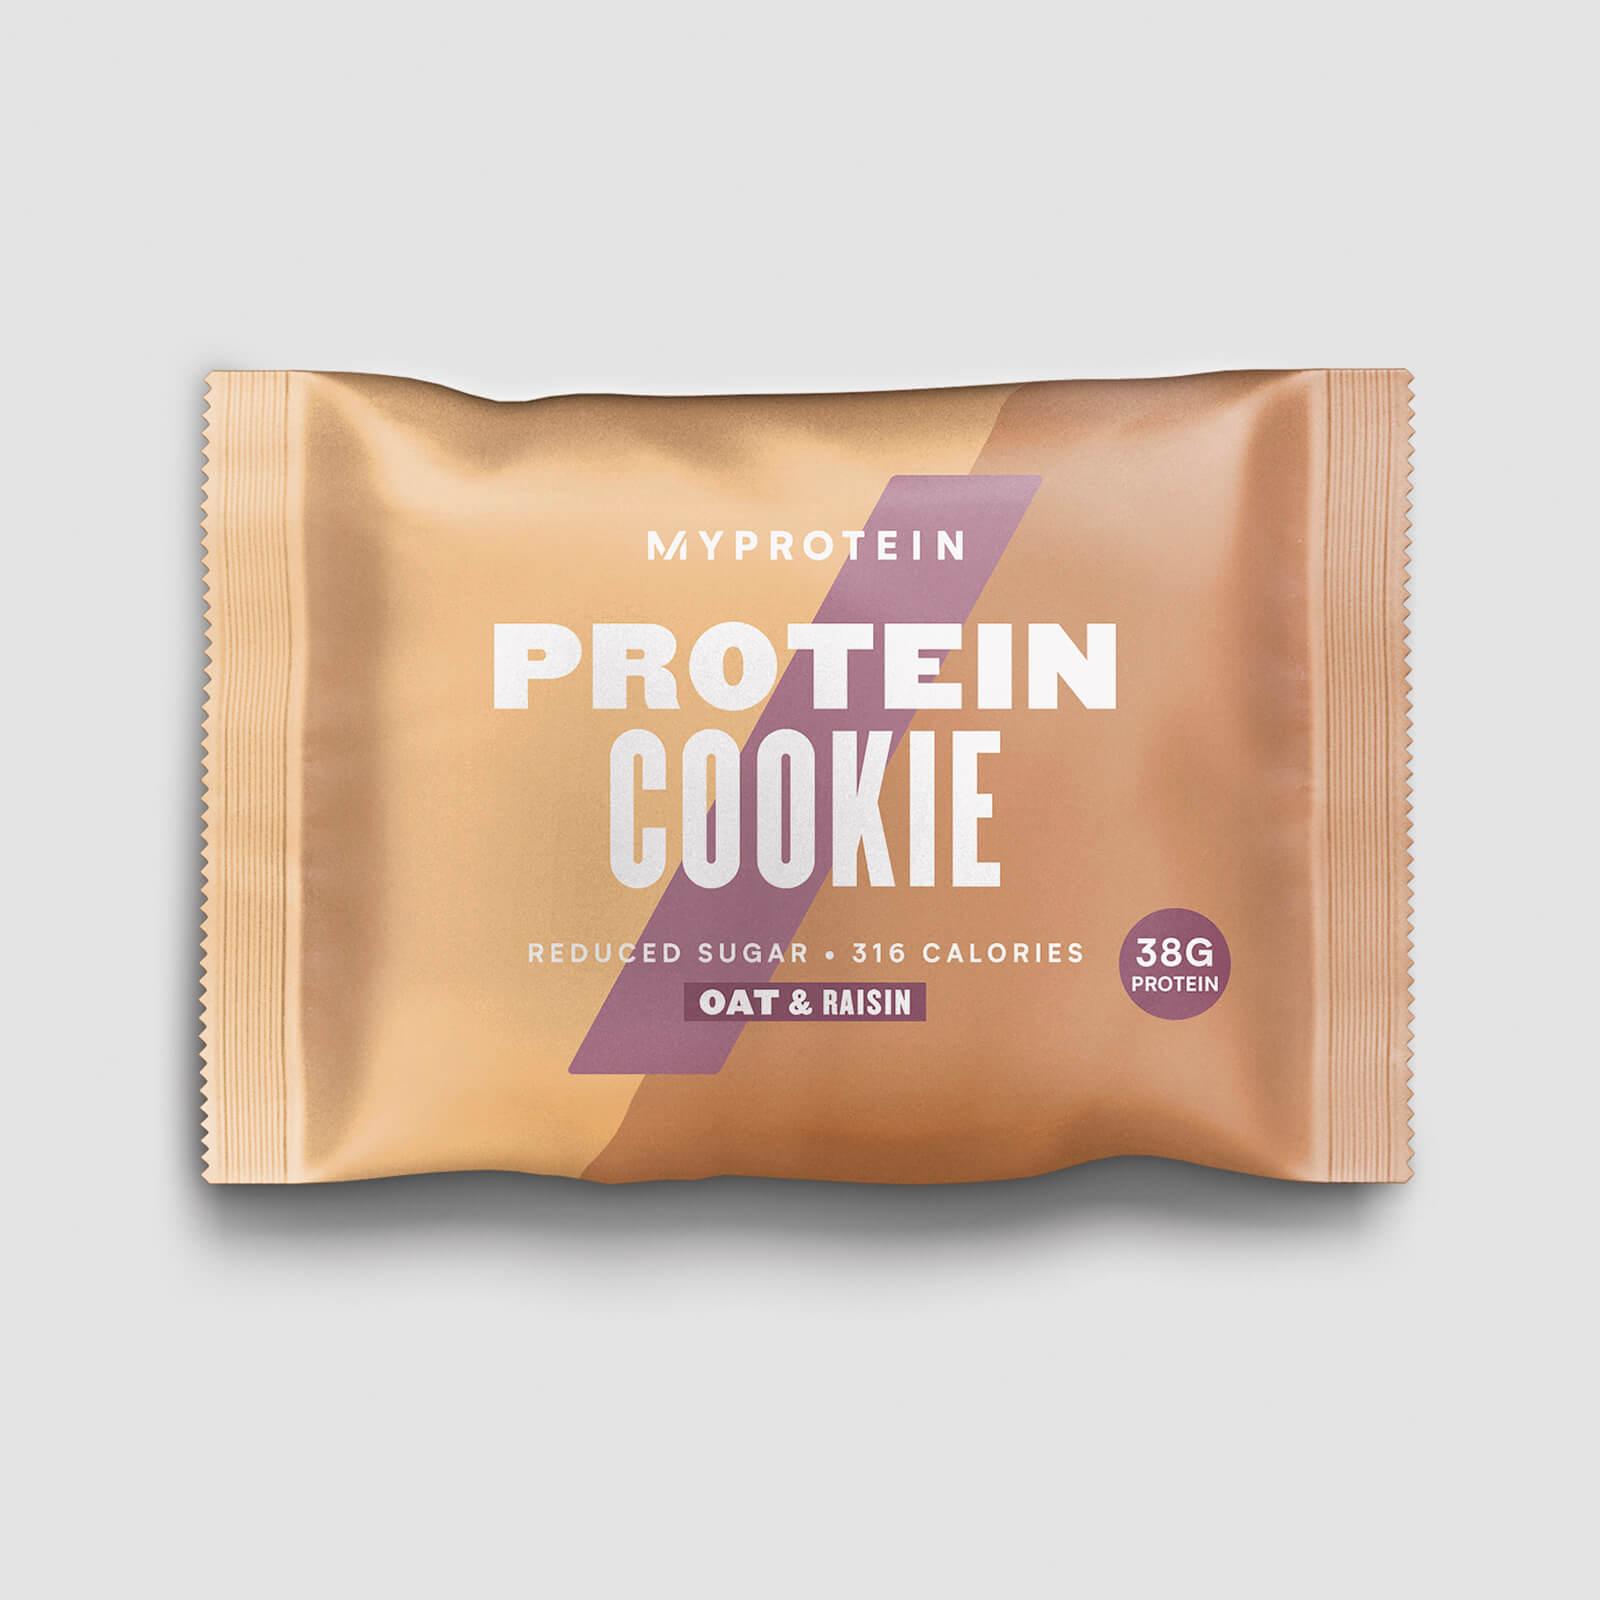 Myprotein Protein Cookie - Oat & Raisin